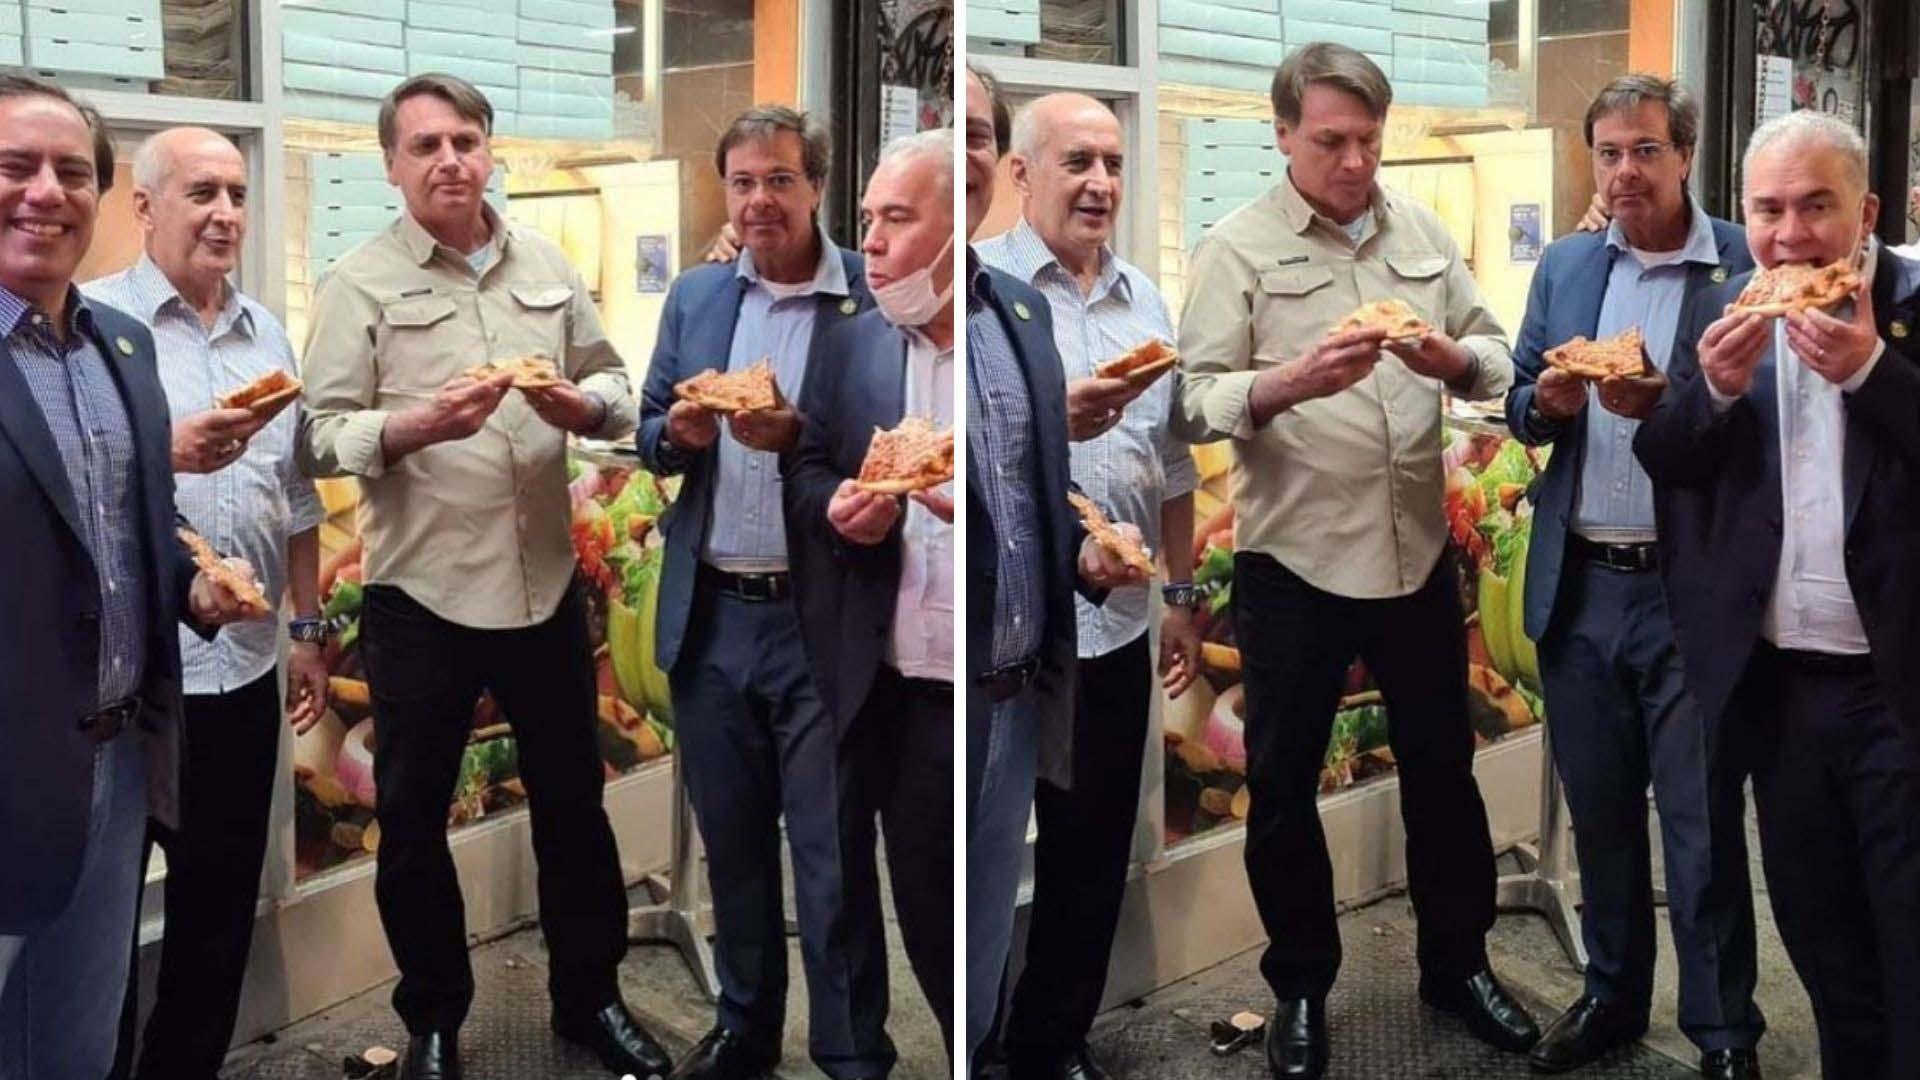 Brezilya Devlet Başkanı Bolsonaro, koronavirüs aşısı olmadığı gerekçesi ile pizzacıya giremedi